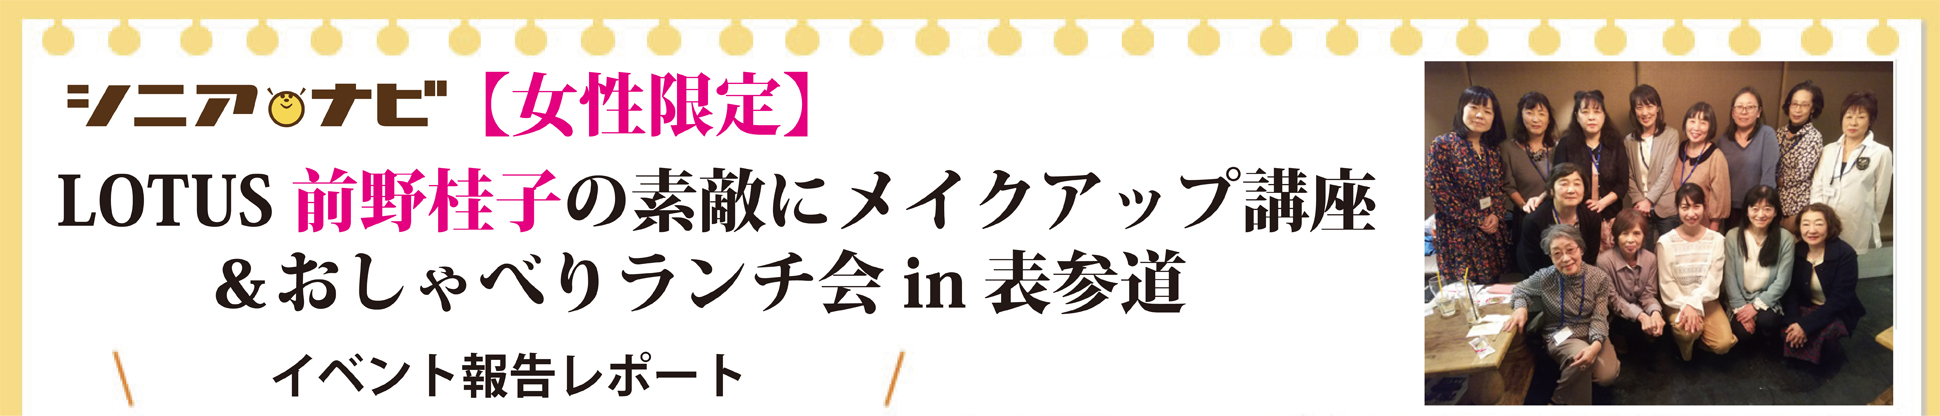 【女性限定】「LOTUS前野桂子の素敵にメイクアップ講座&おしゃべりランチ会in表参道」レポート